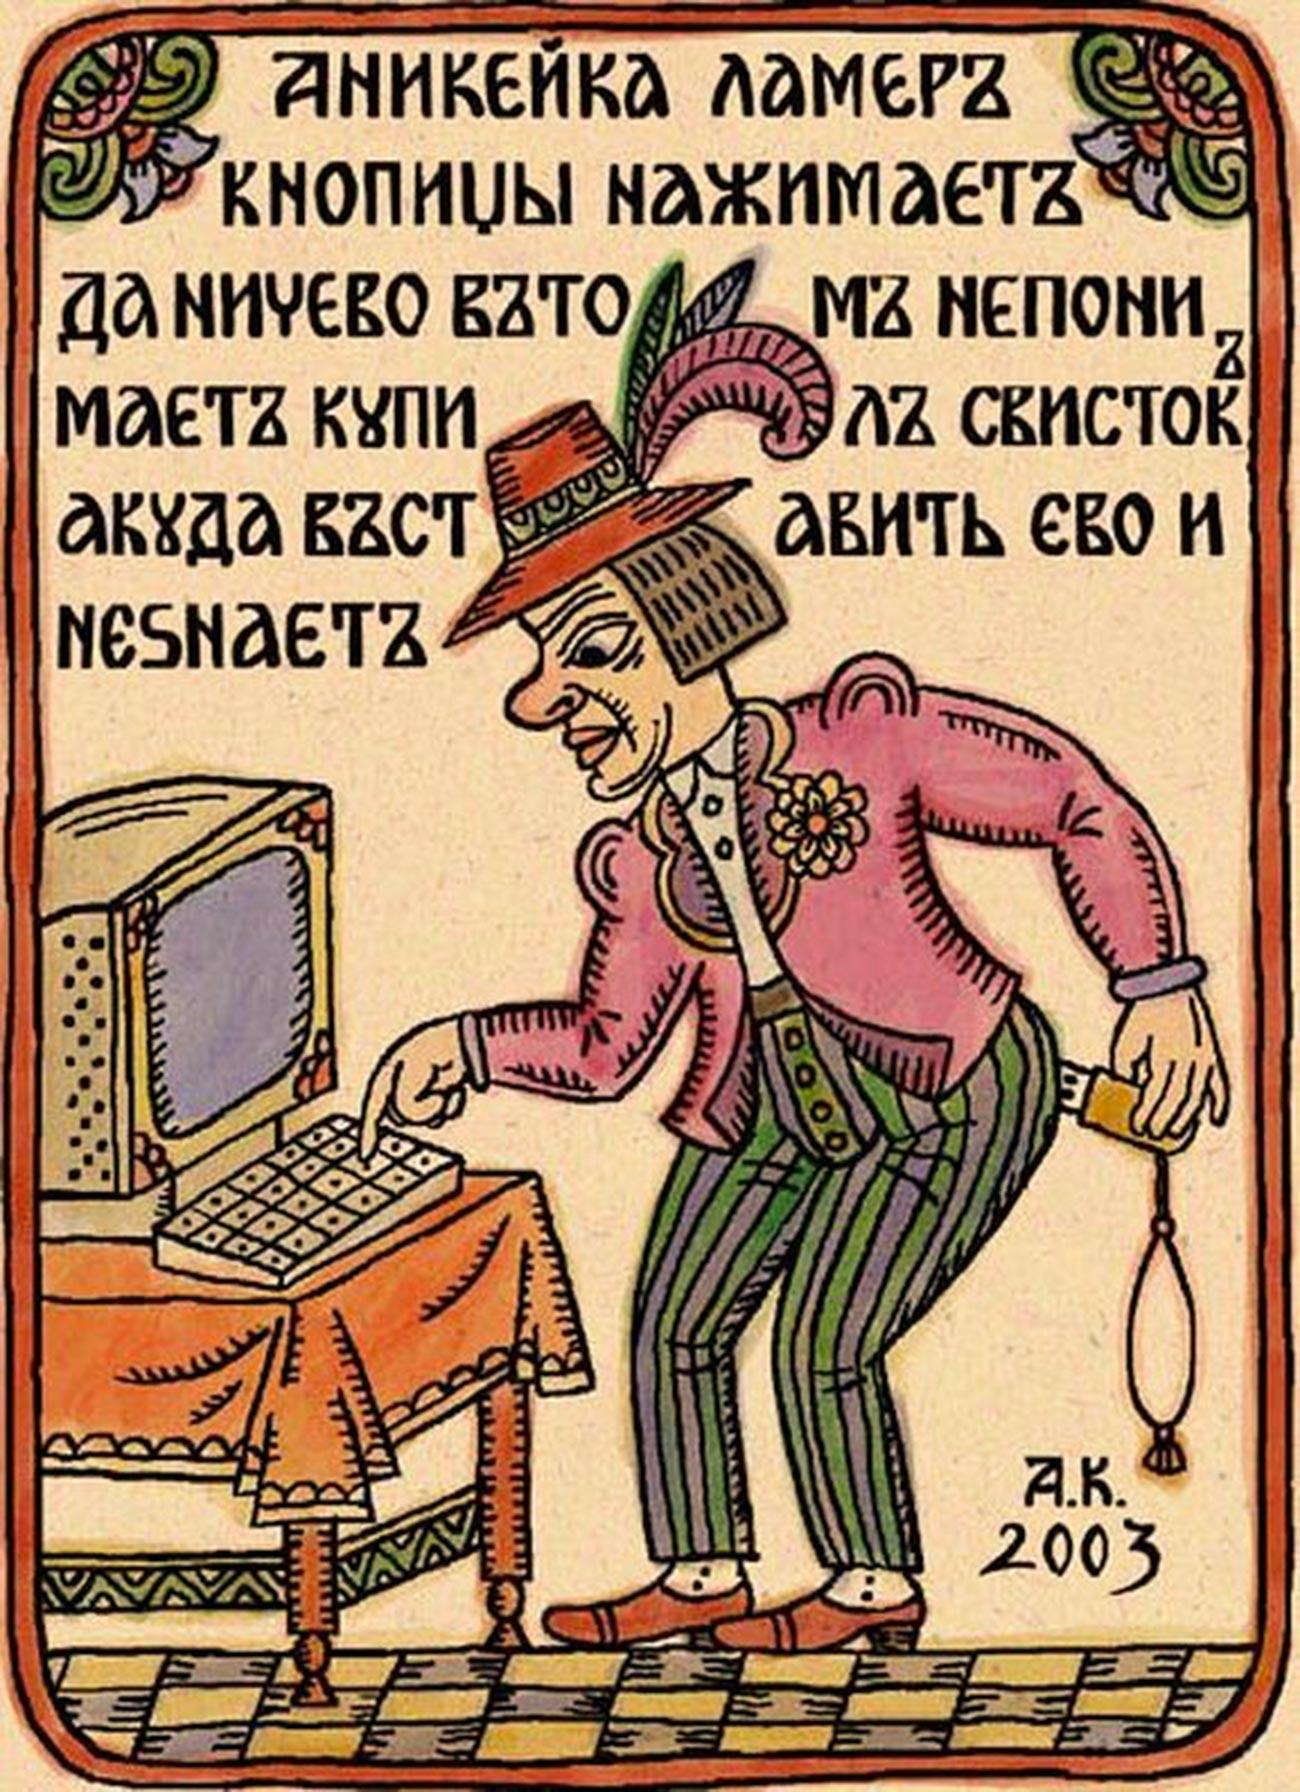 Loubok « Anikeïka », 2003. « Le lamer [personne n'y connaissant rien à l'informatique] Anikeïka presse le bouton mais n'y comprend rien. Il a acheté un sifflet, mais ne sait pas où l'insérer ».